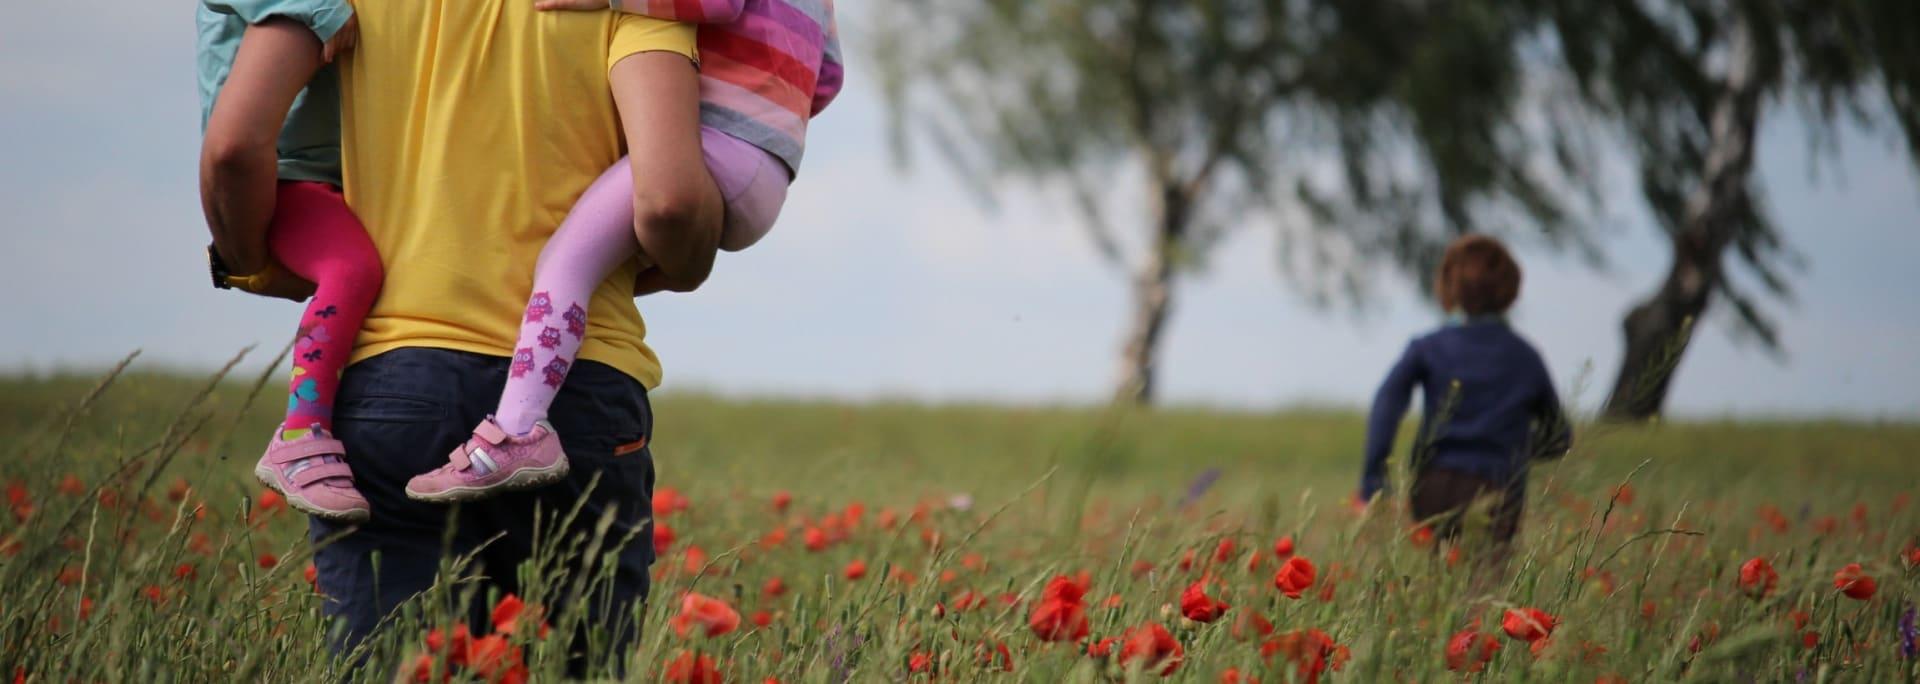 Pappa och barn på fält med vallmo